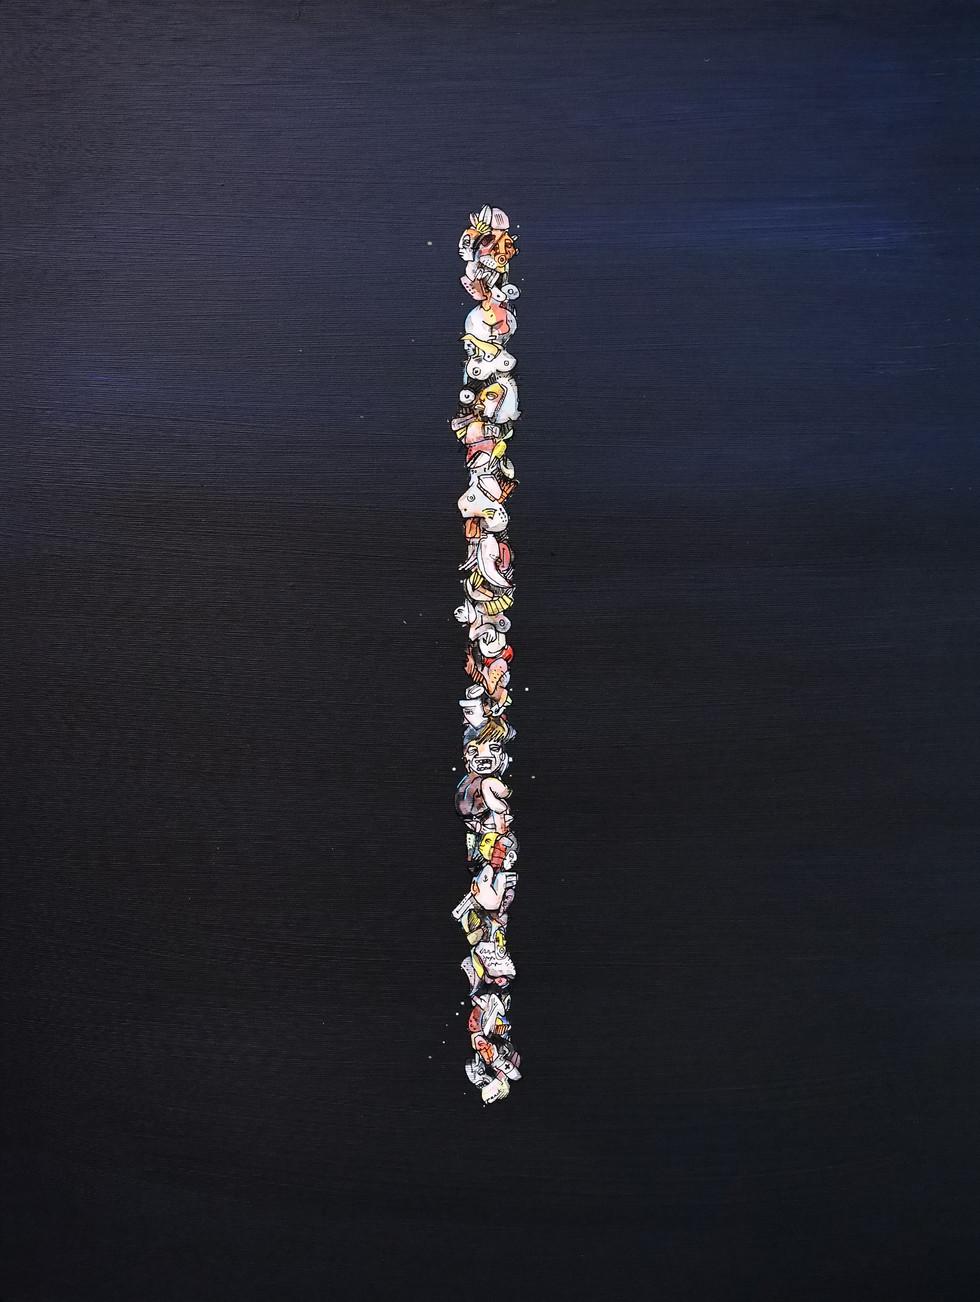 """Peer Kriesel Der große Bluff (aus der Serie """"One Line"""") 2020 Acryl auf Leinwand, 80 x 60 cm"""